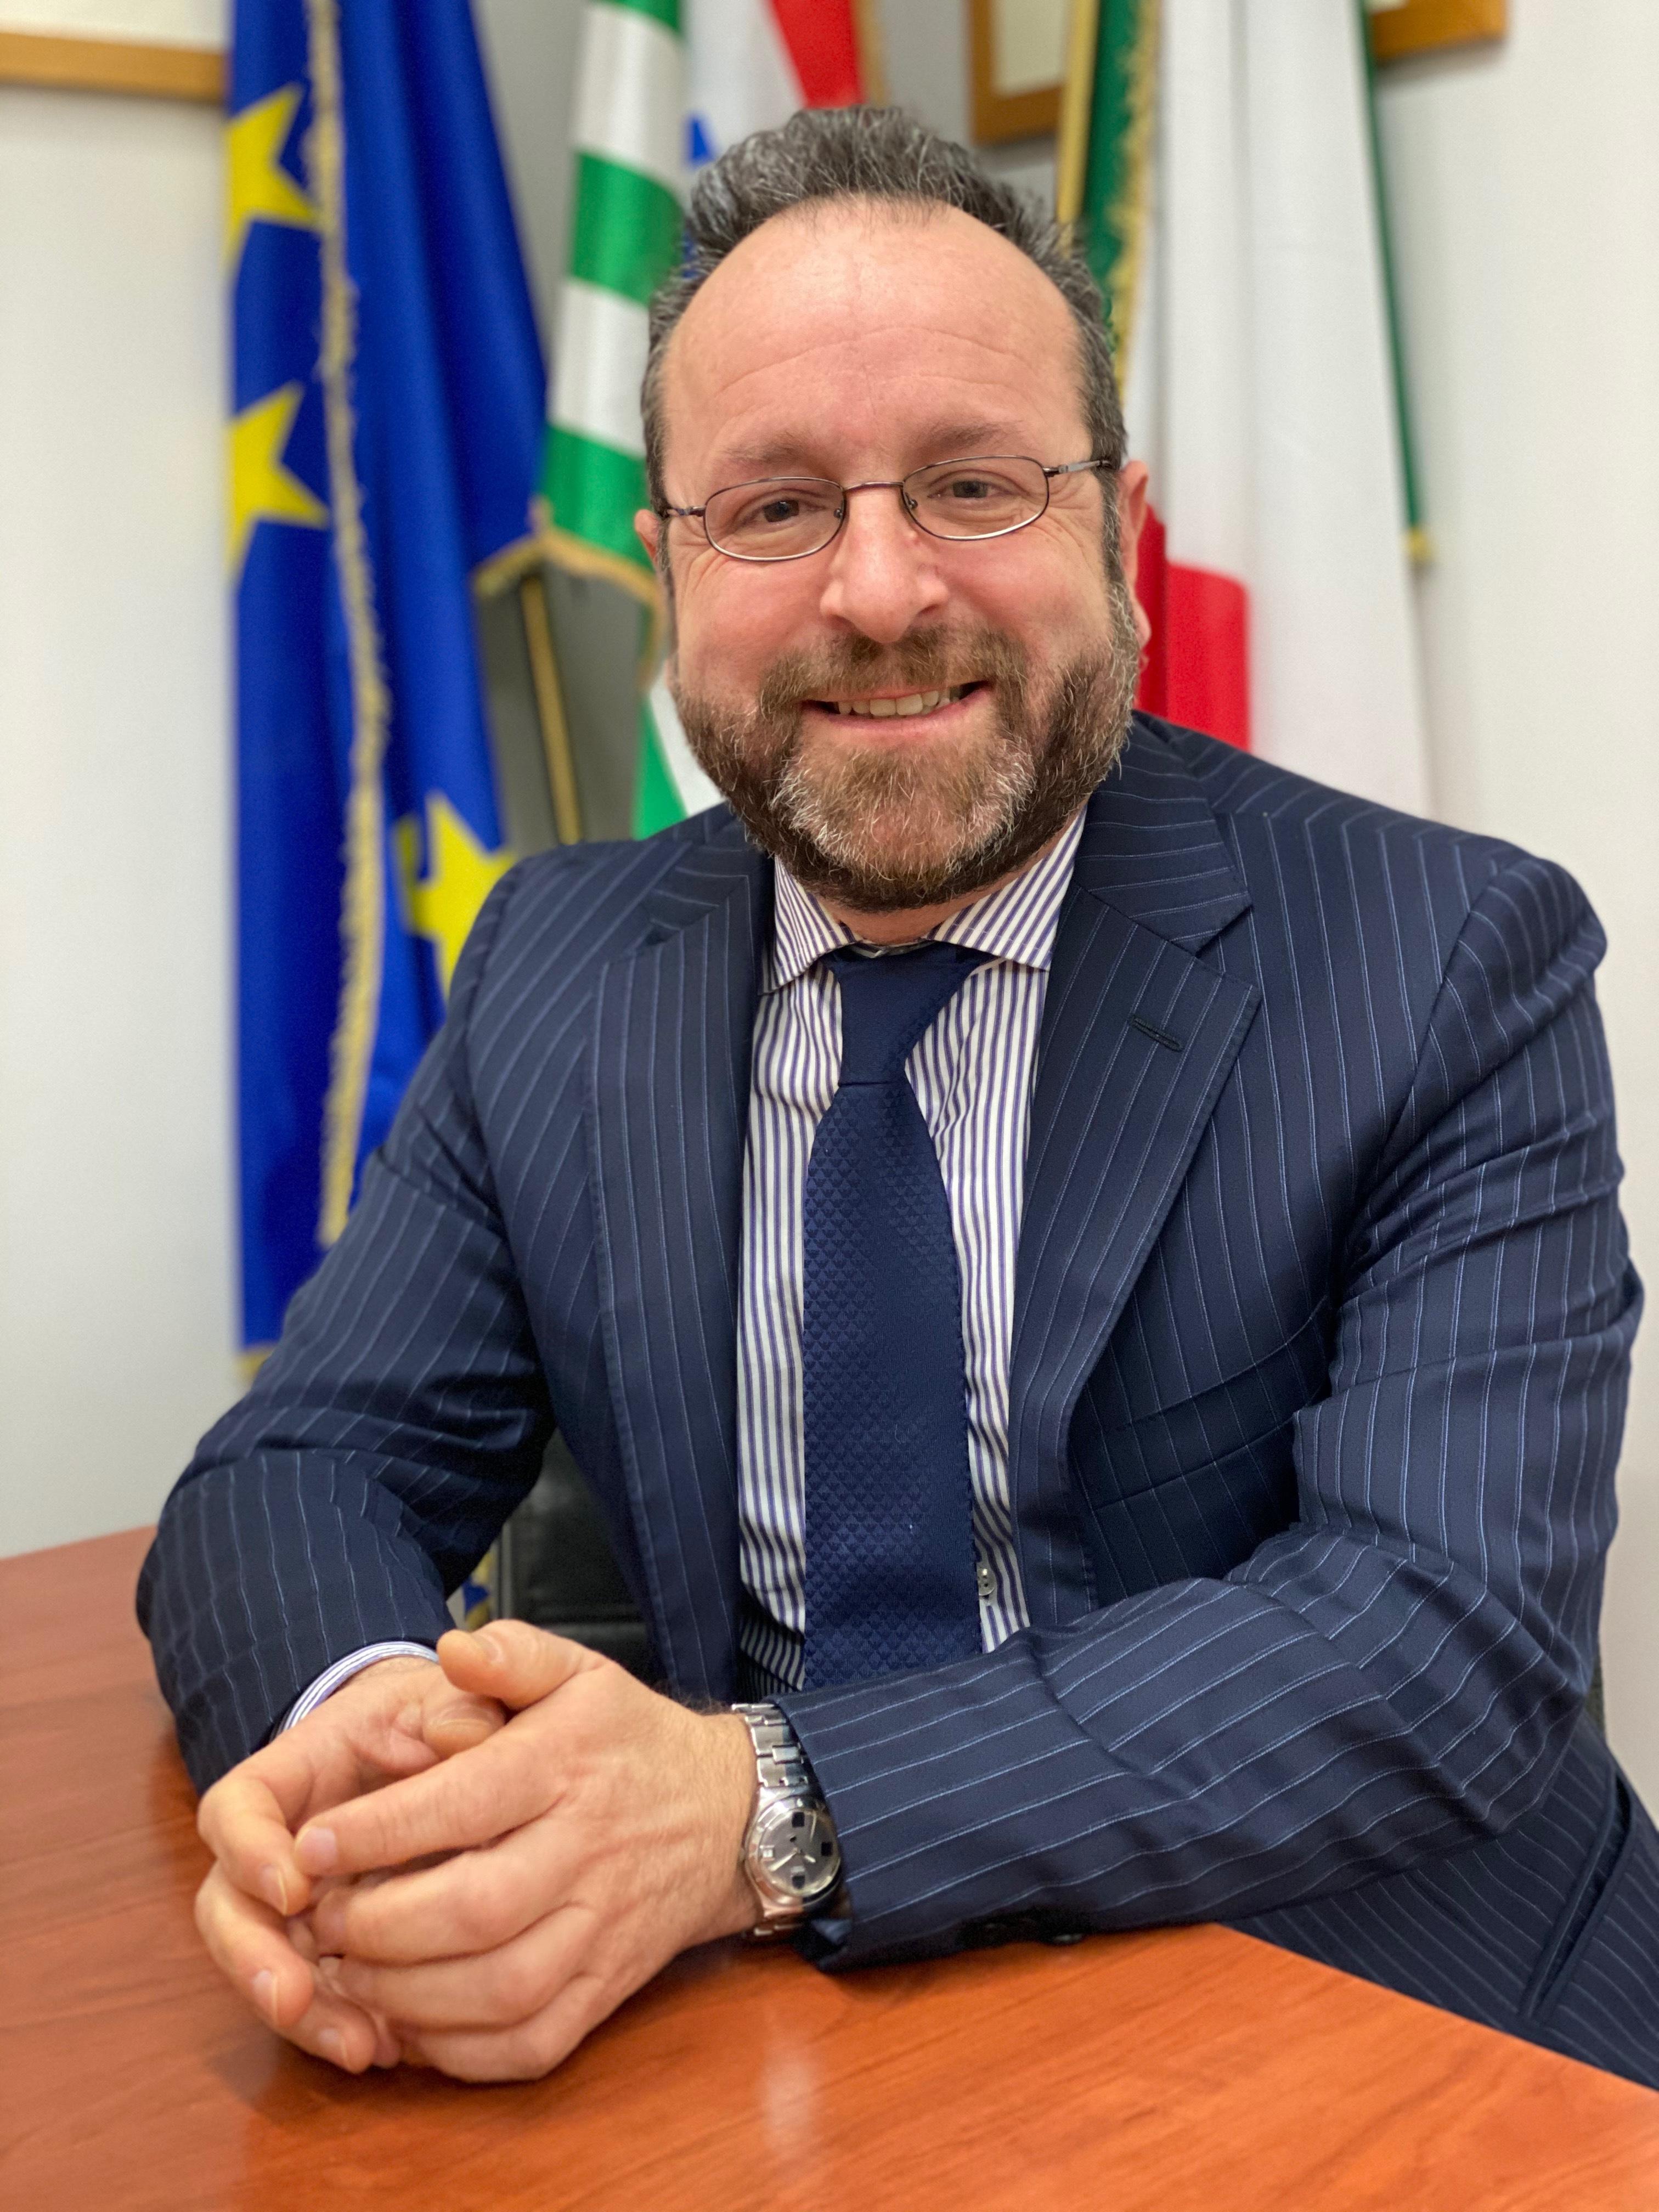 Domenico Carlomagno